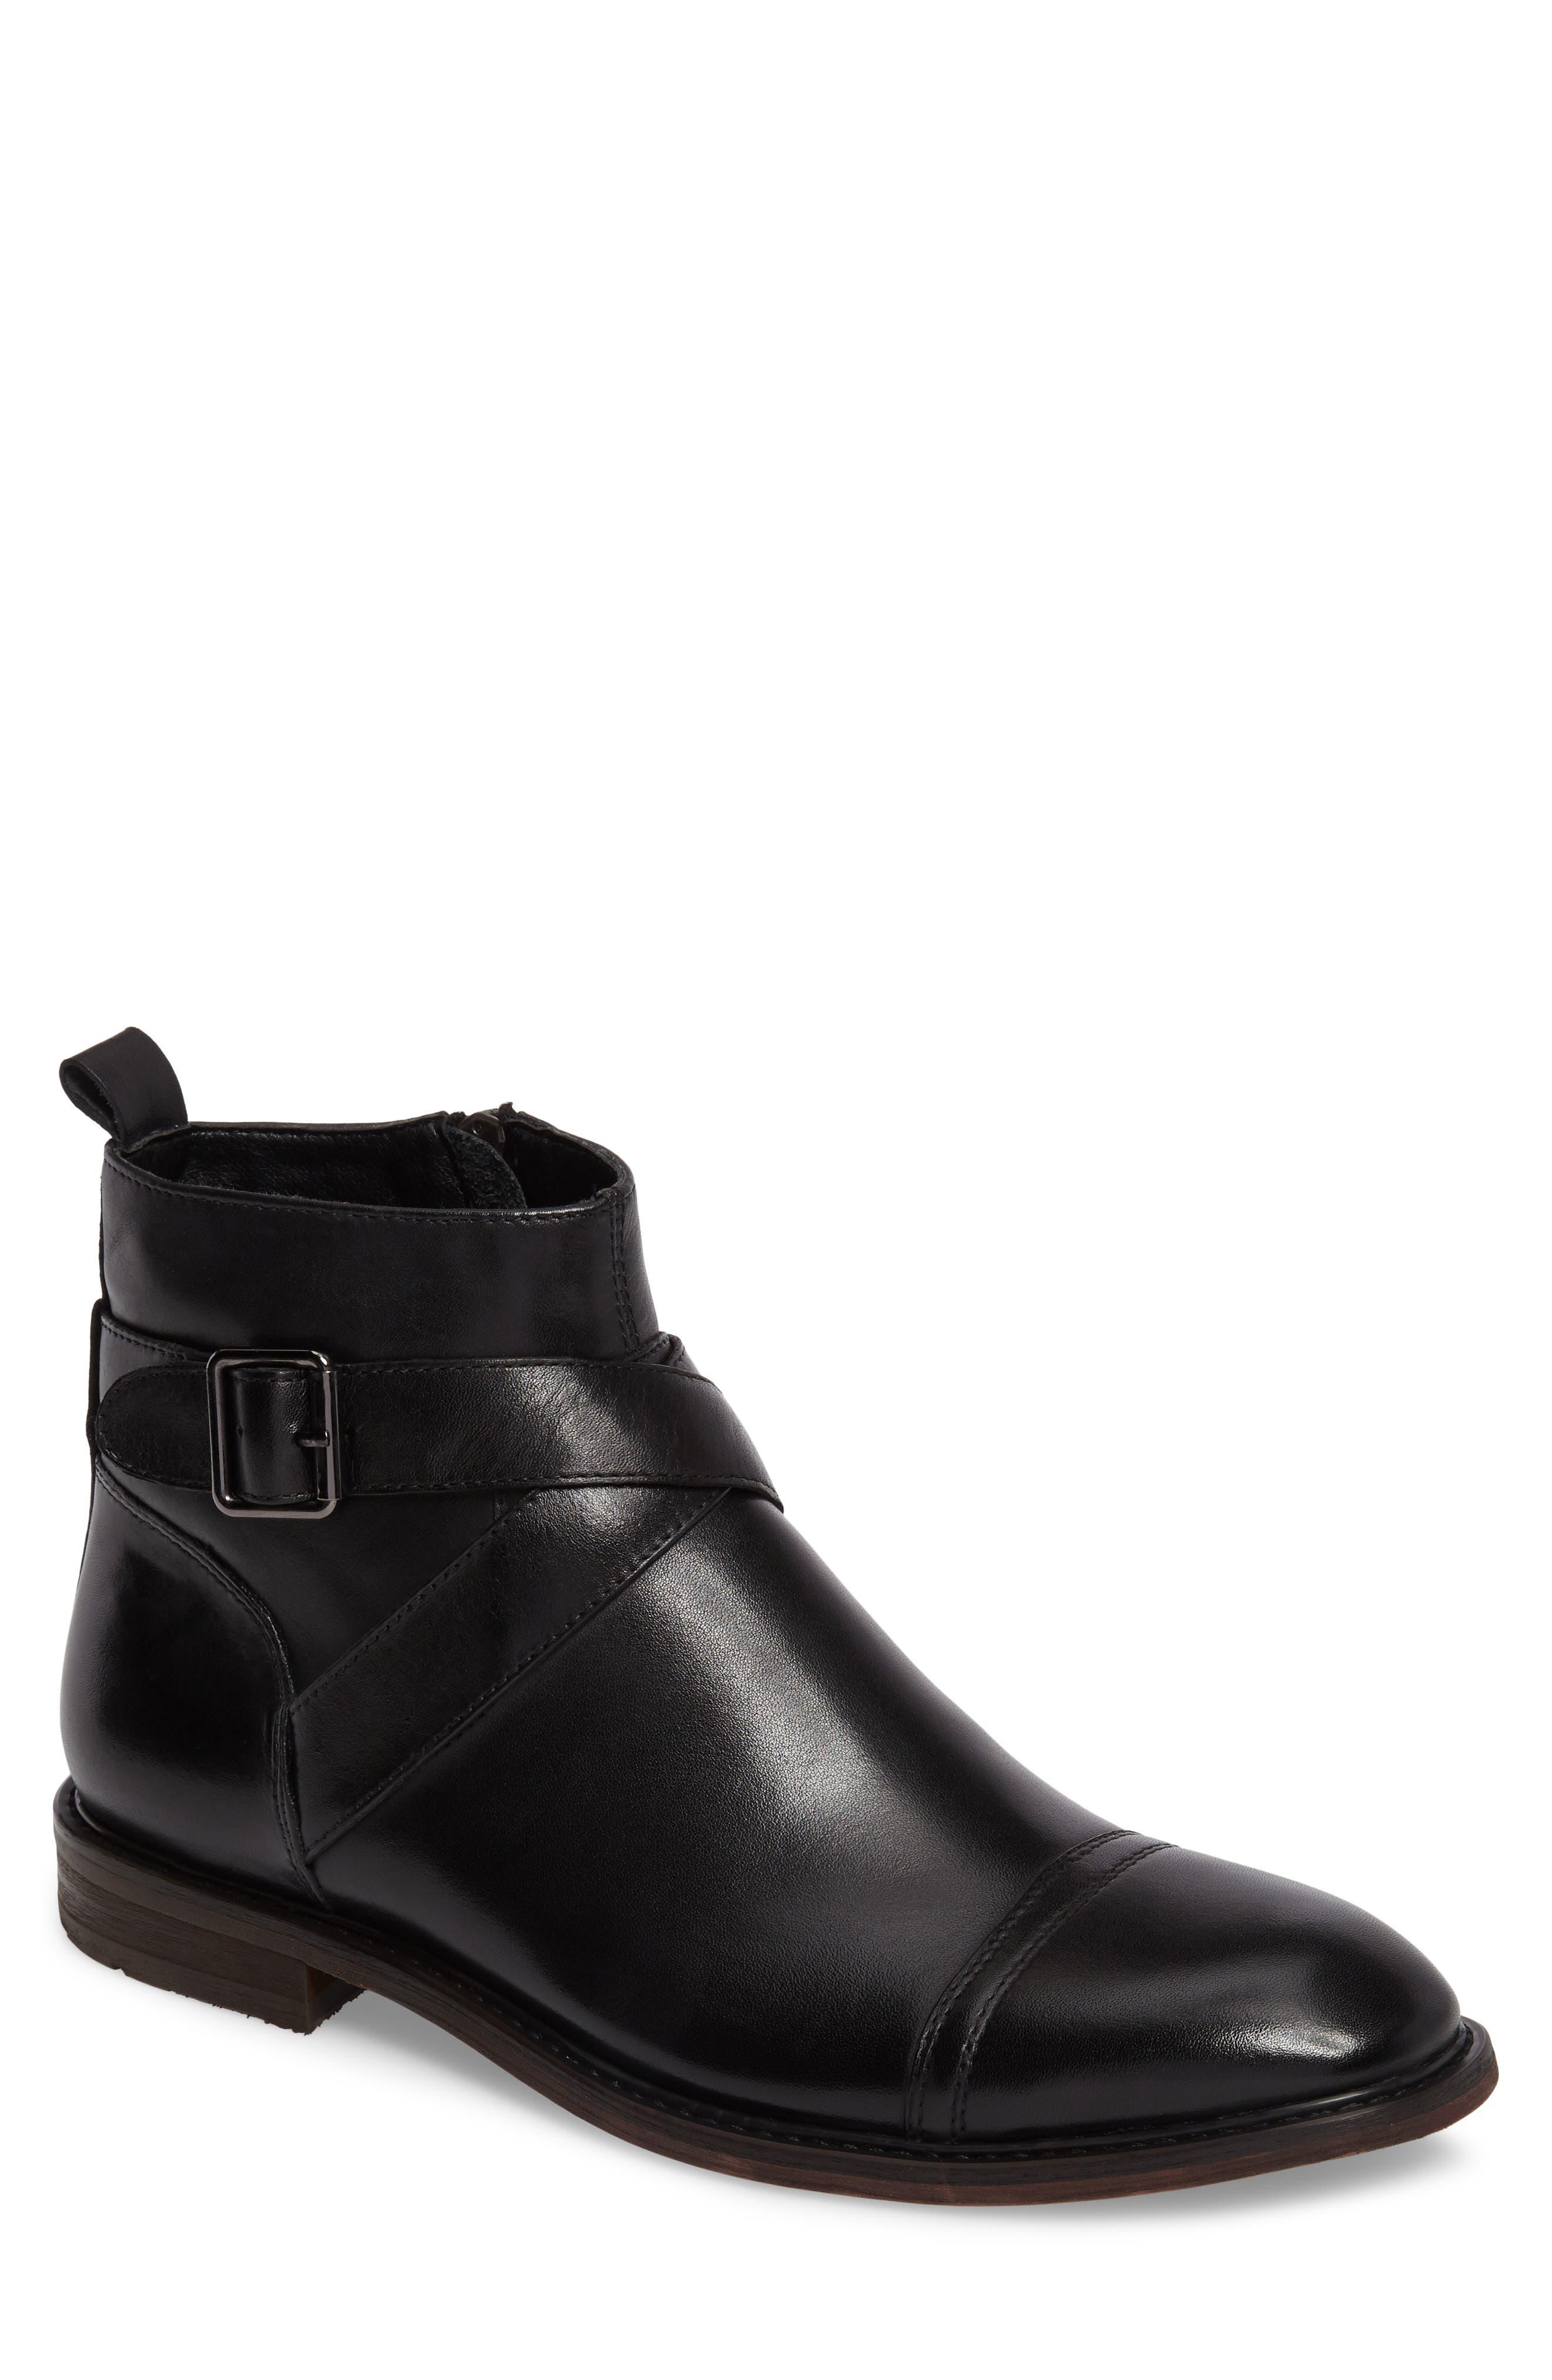 Edmond Zip Boot,                         Main,                         color, 001